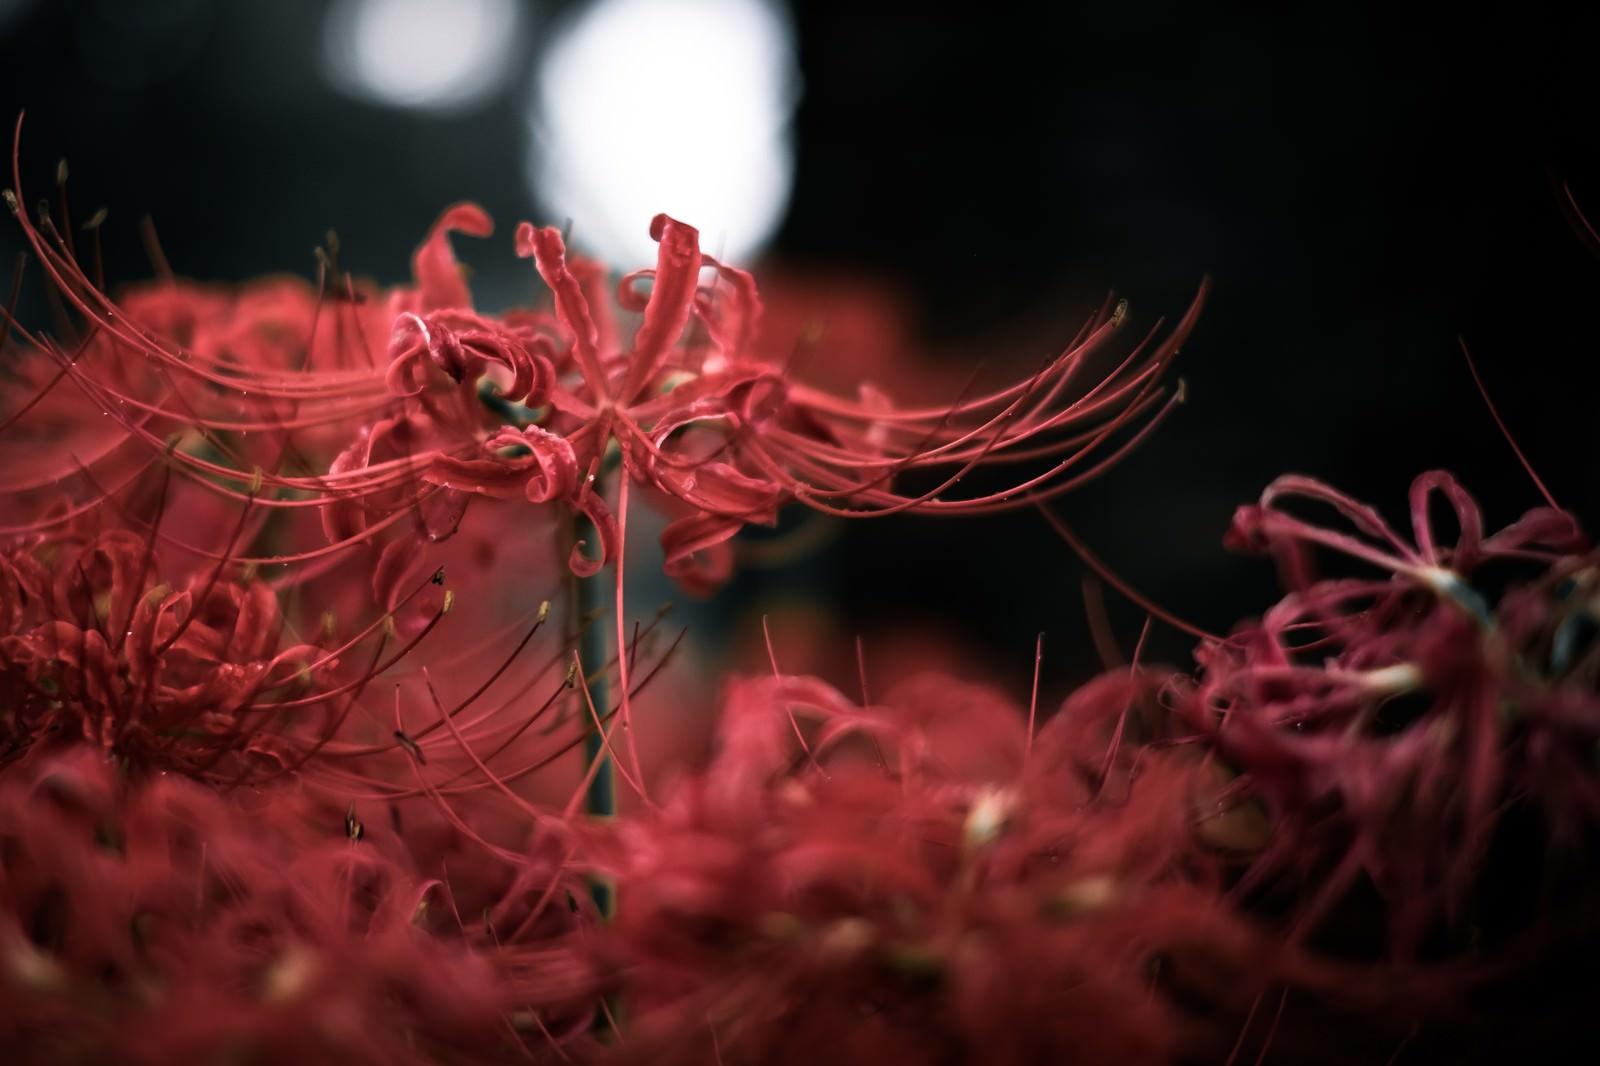 「黒暗と彼岸花」の写真